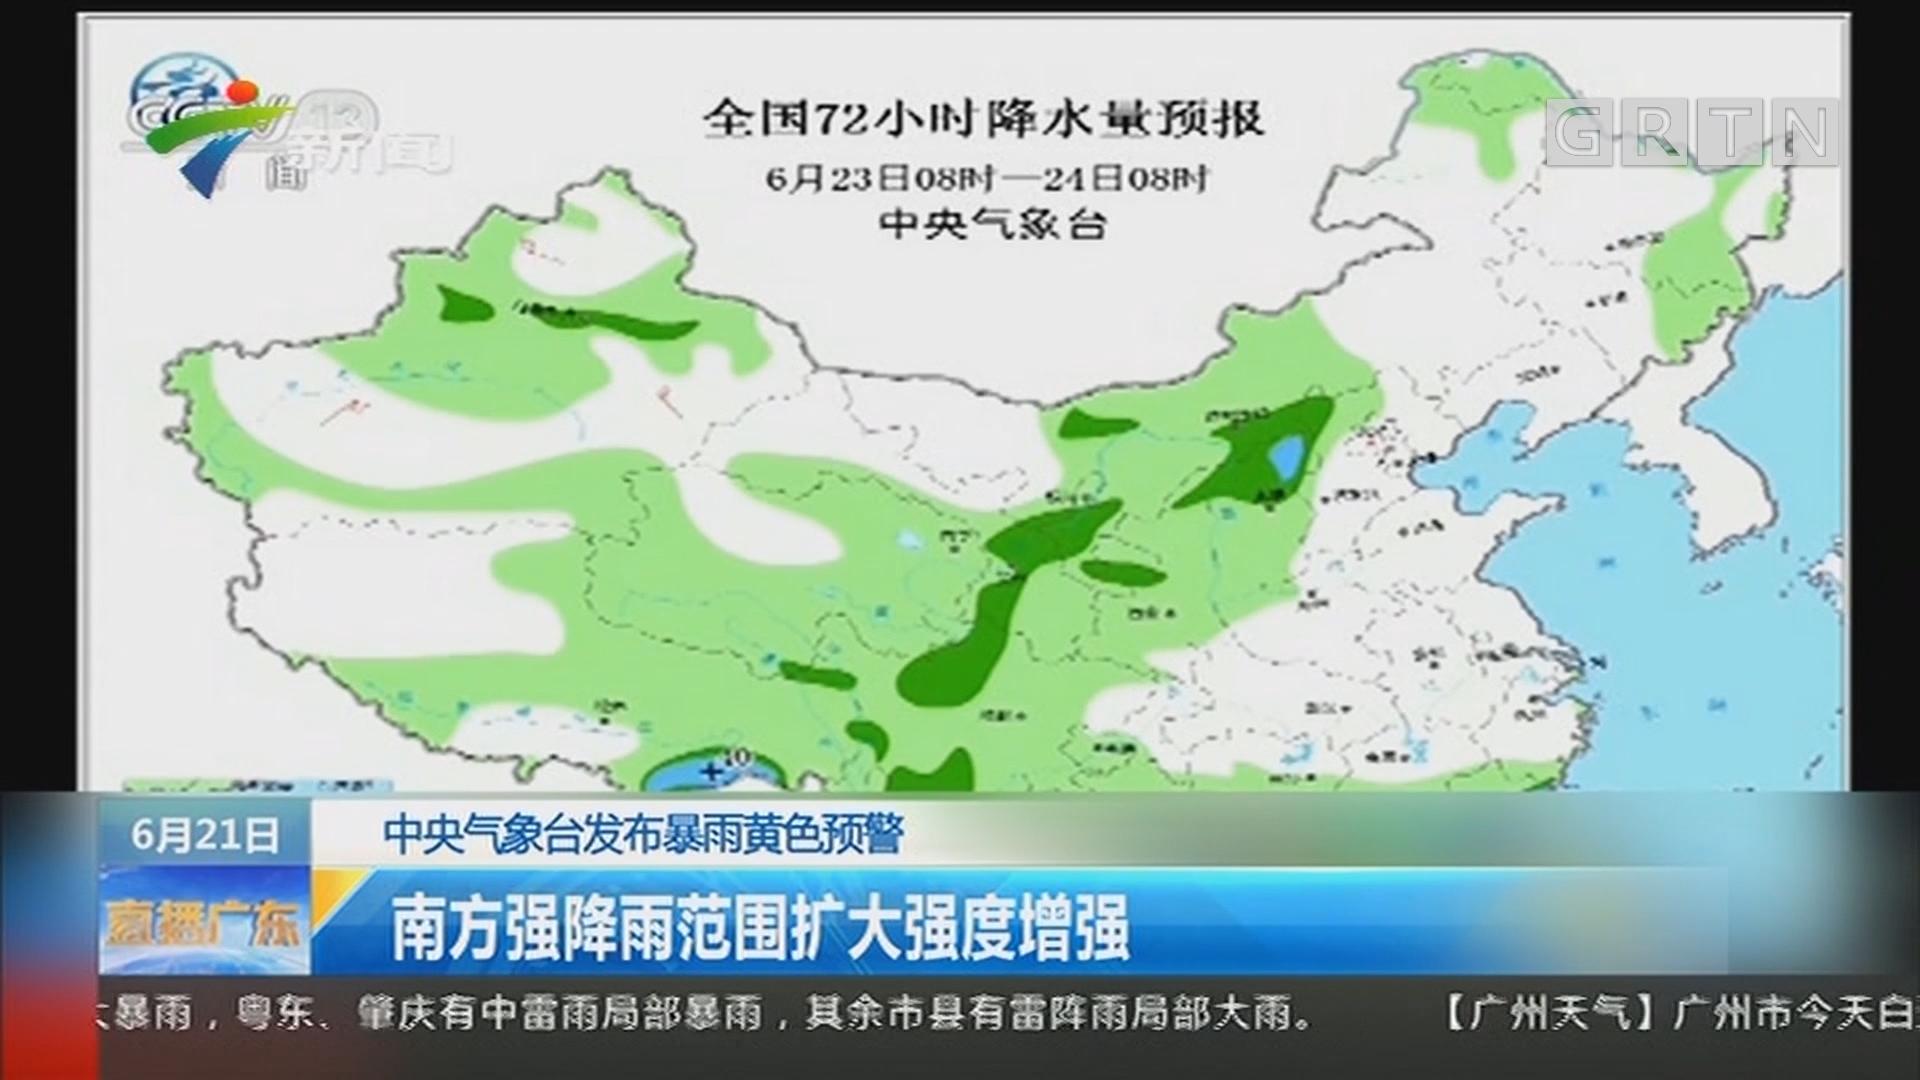 中央气象台发布暴雨黄色预警:南方强降雨范围扩大强度增强